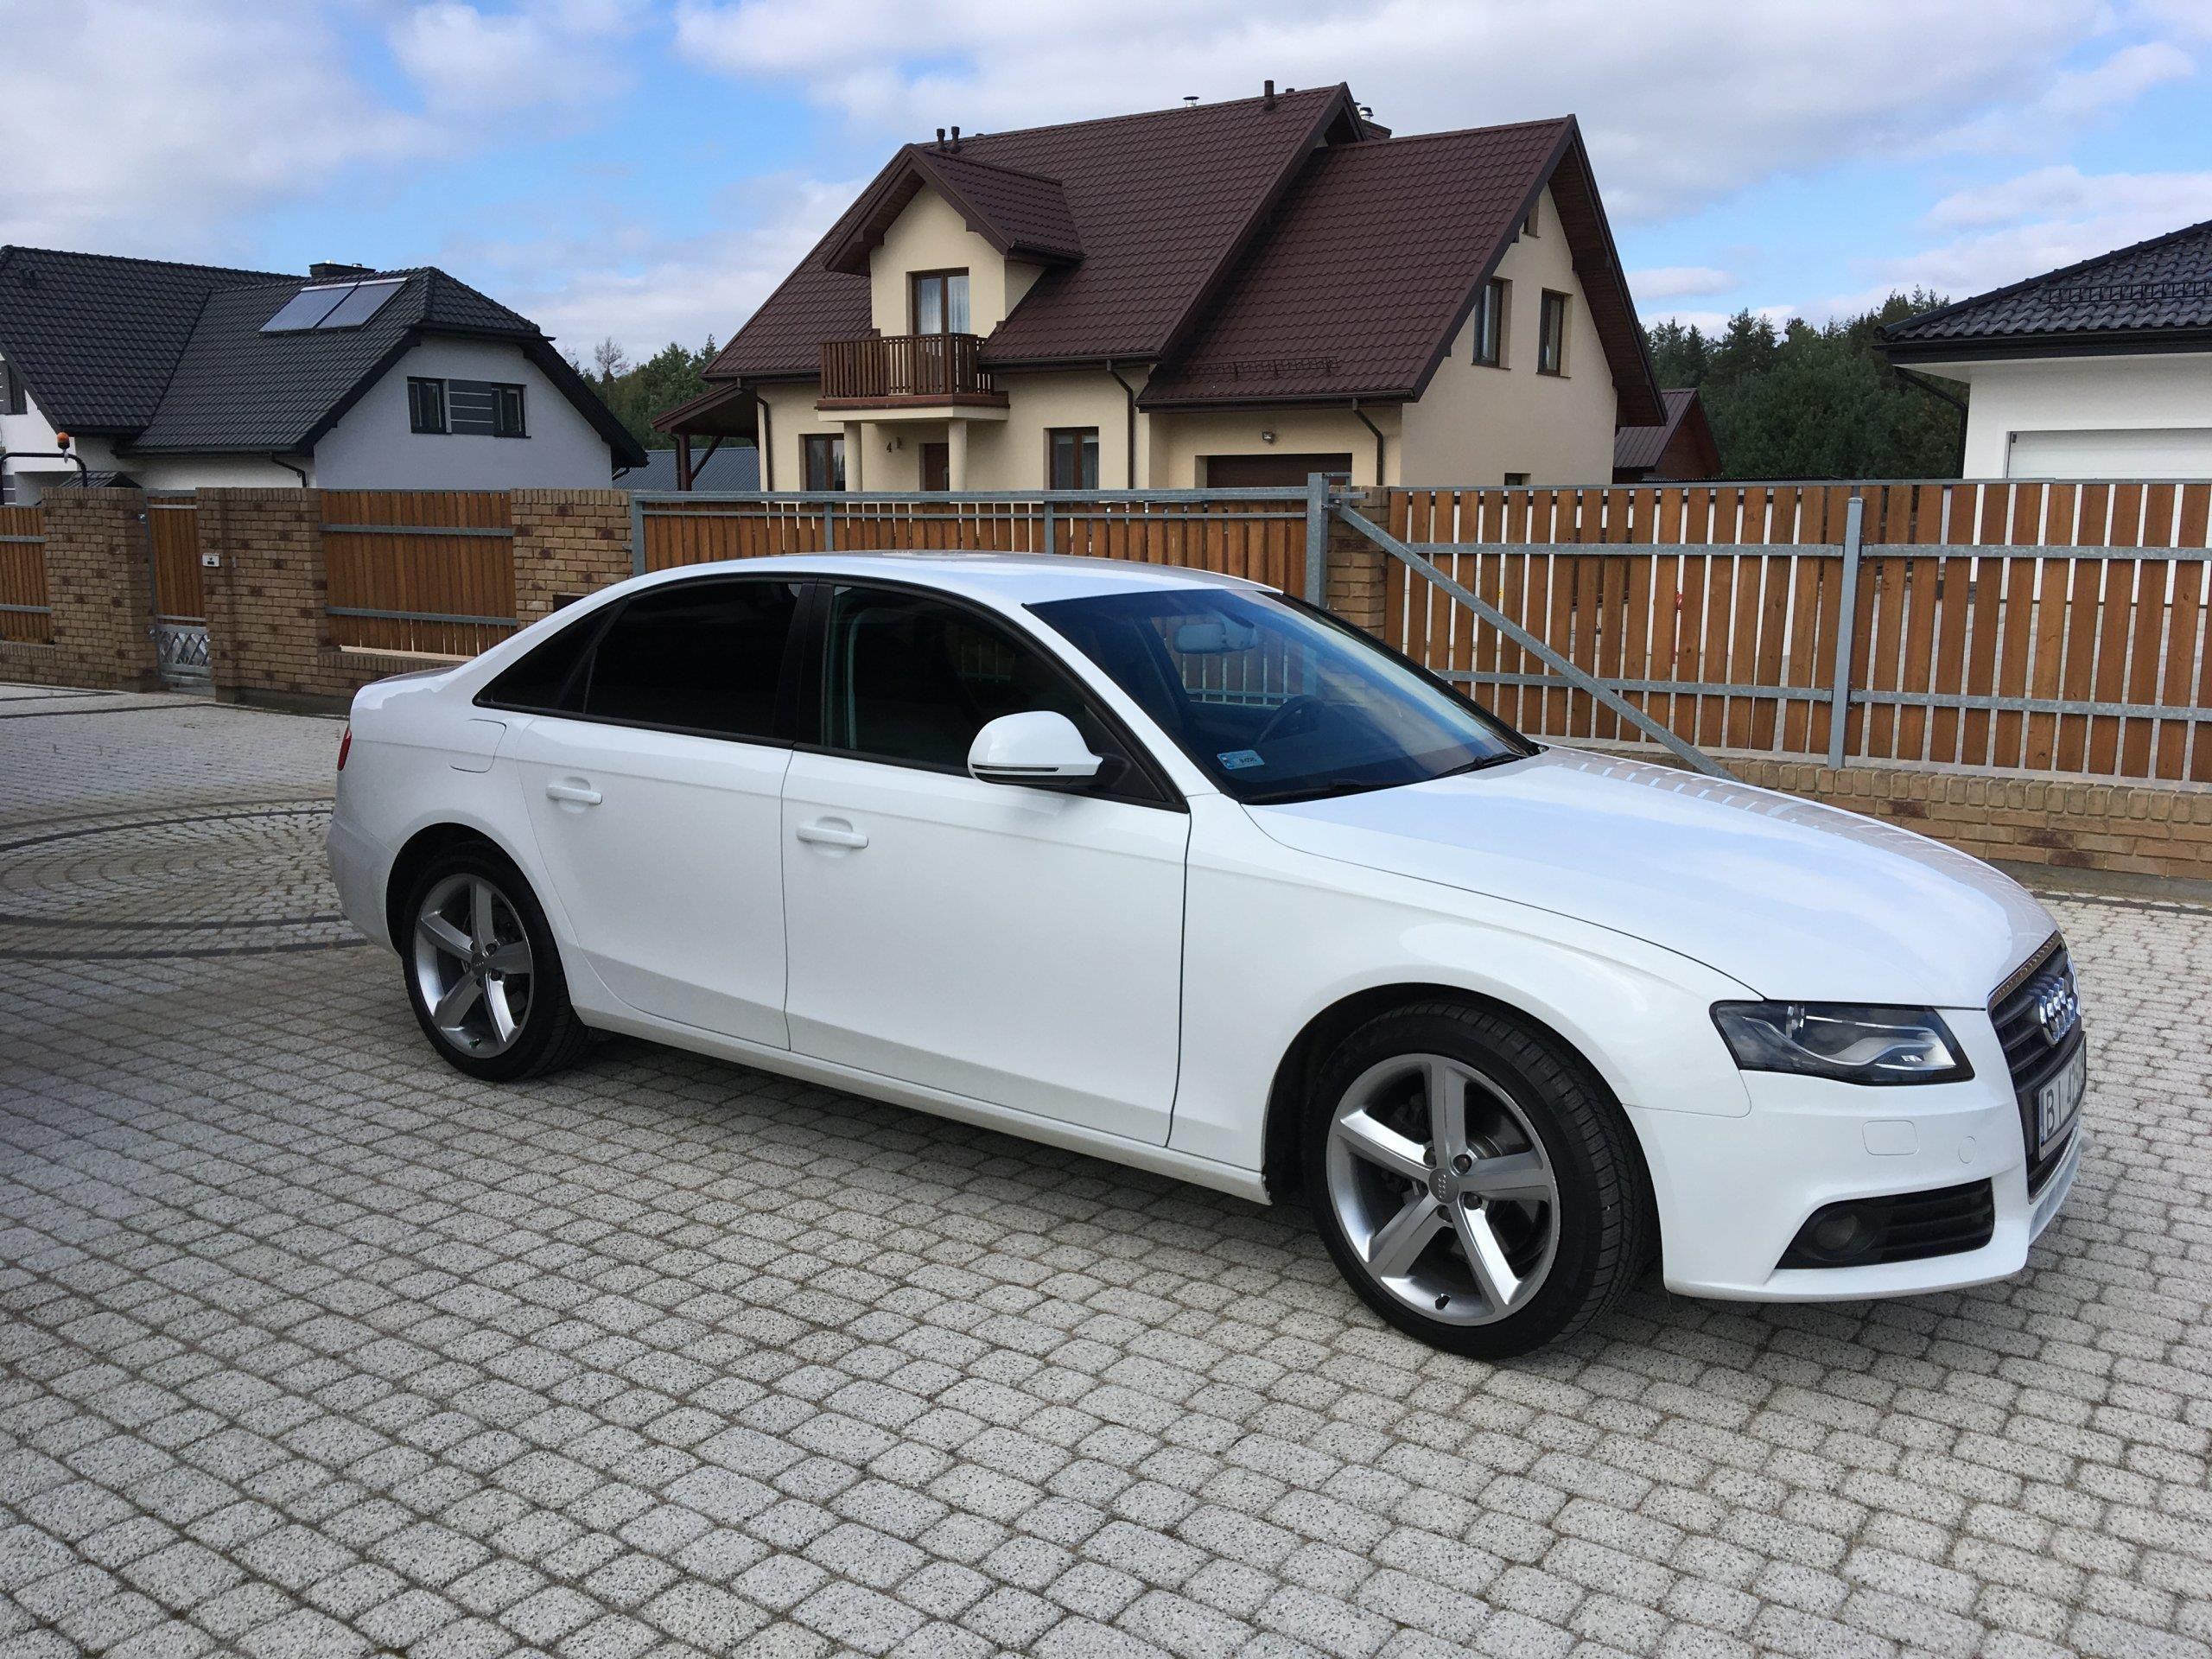 Audi A4 B8 2008 Benzyna 180km Sedan Biały Opinie I Ceny Na Ceneopl